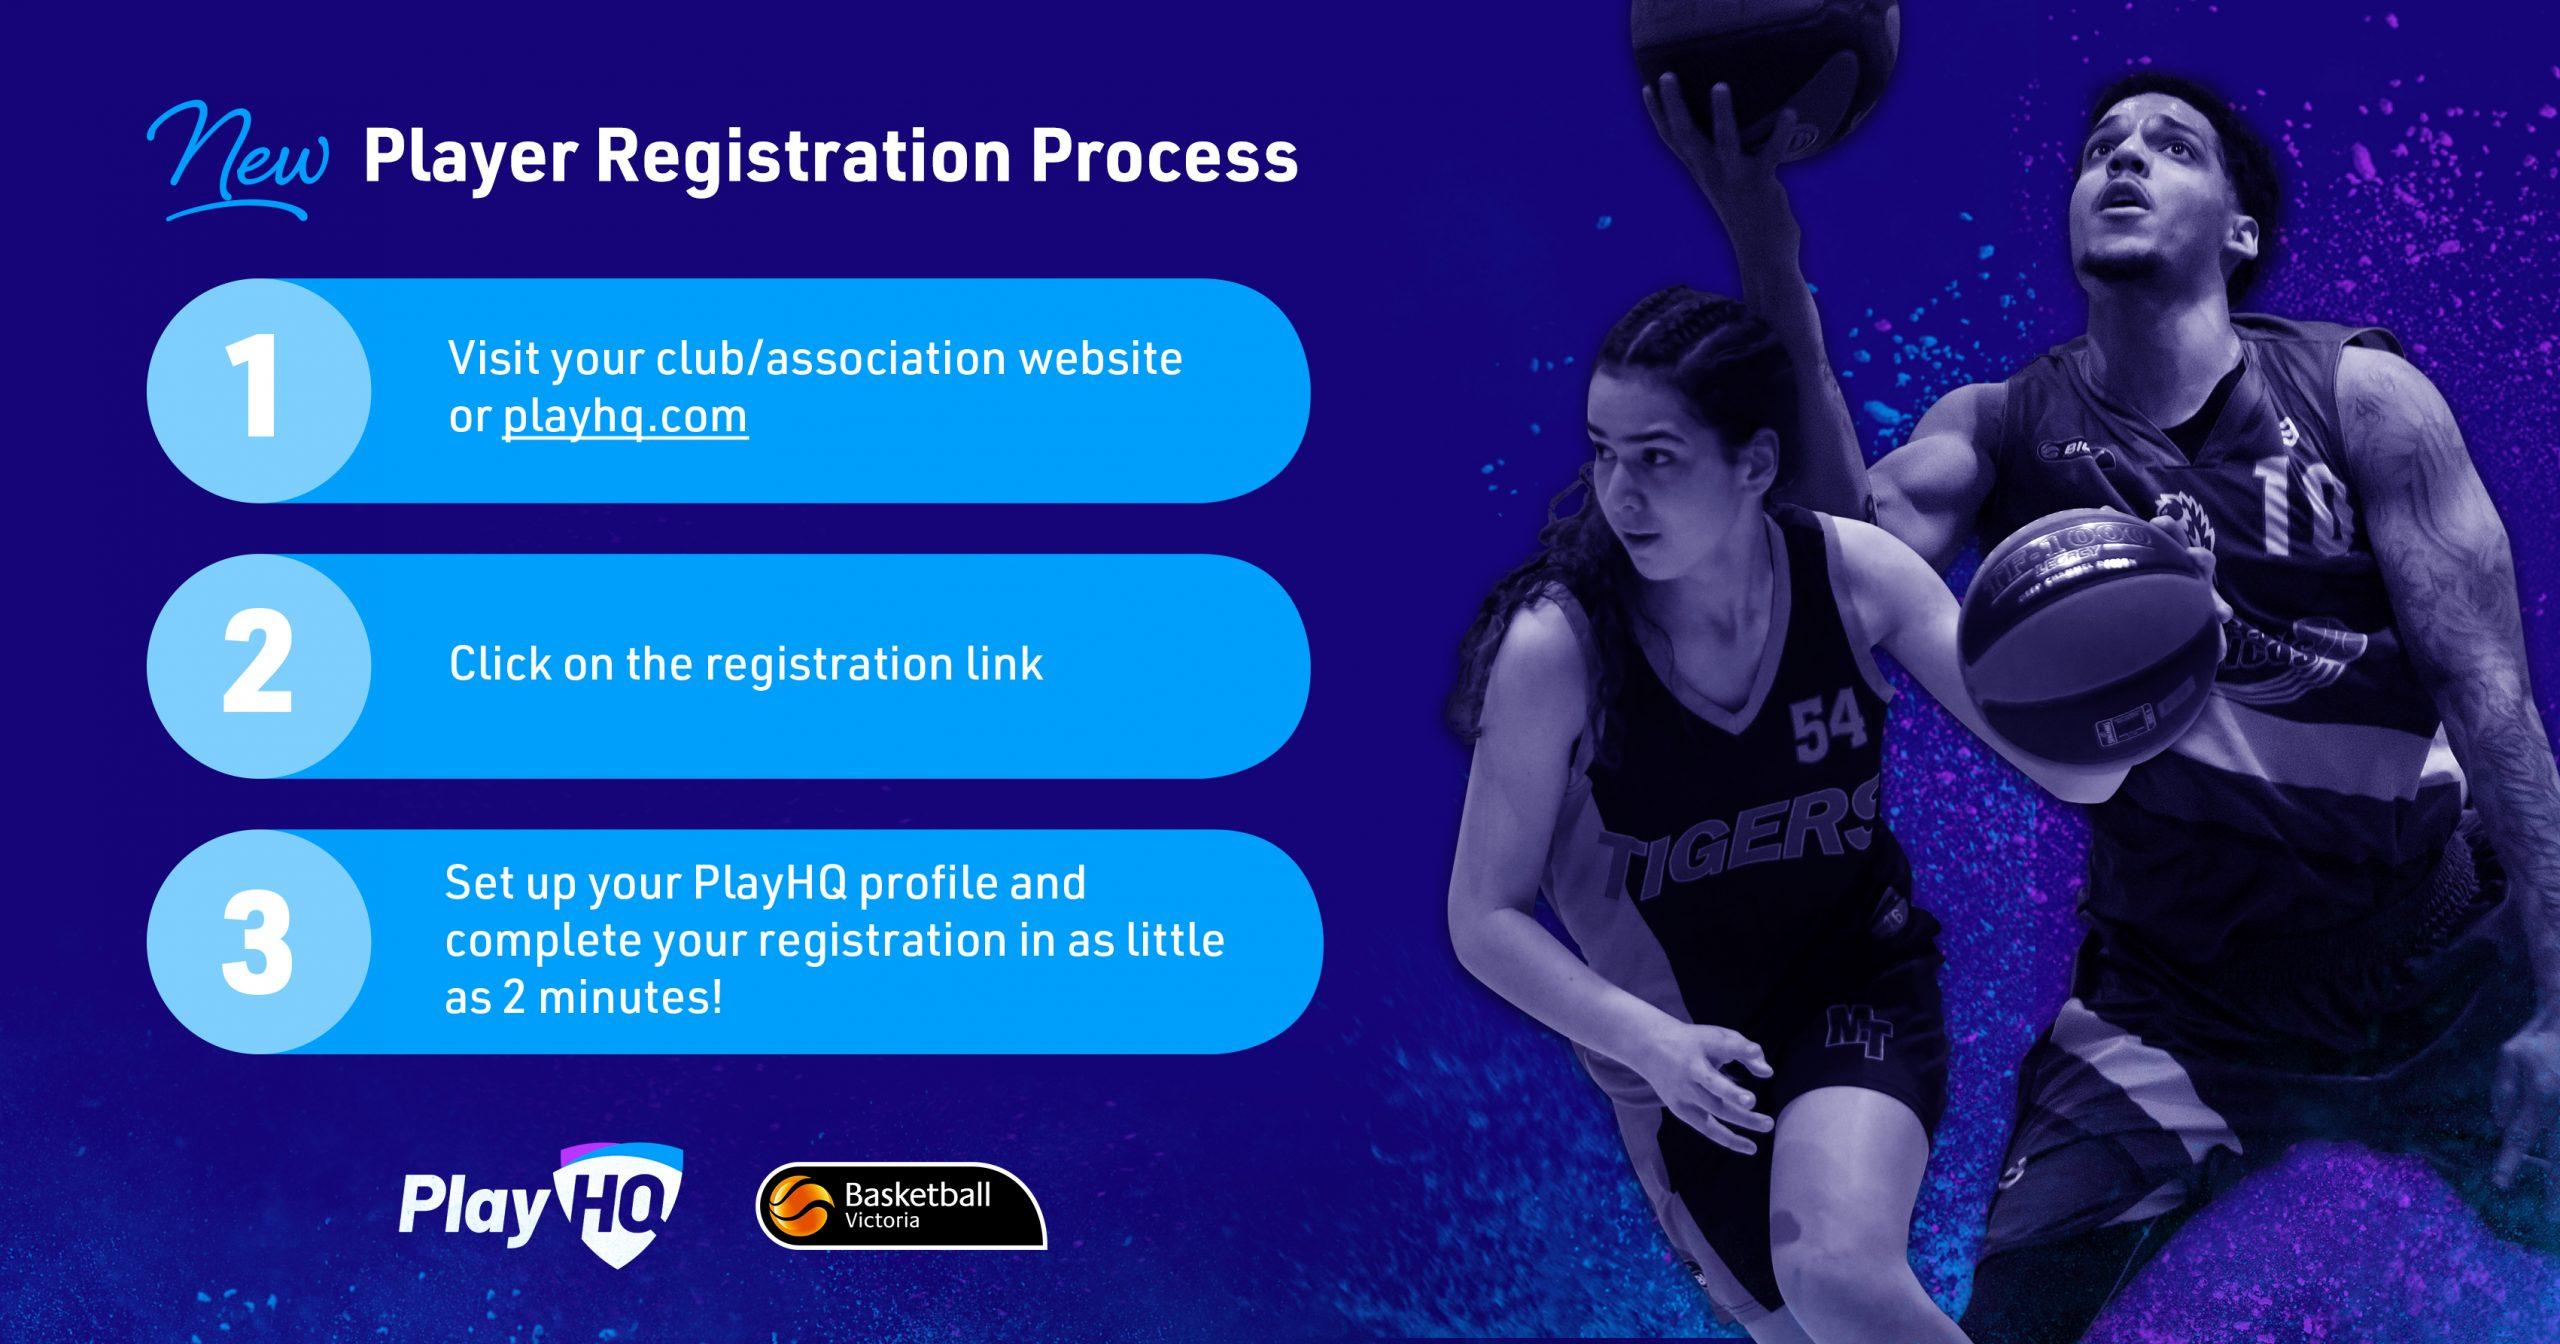 BV_2019_PlayHQ_Registration_Facebook